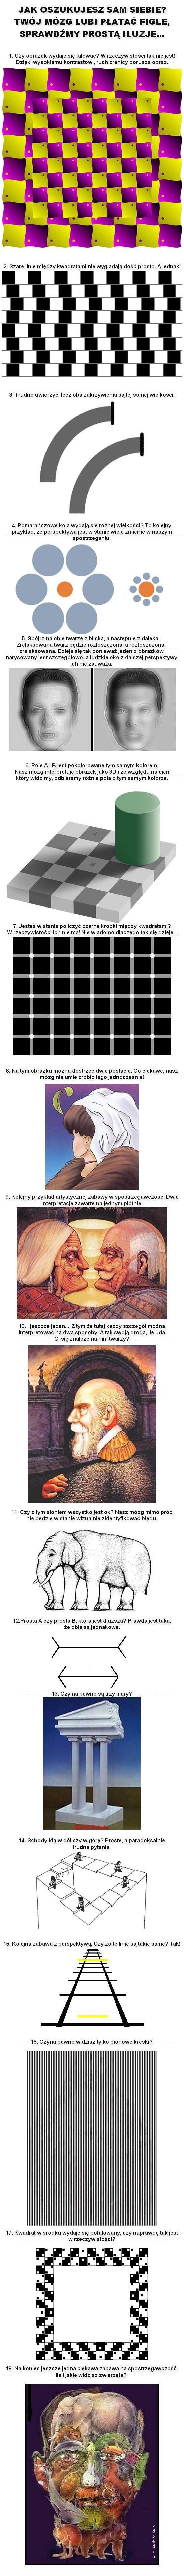 Jak oszukujesz sam siebie? Twój mózg lubi płatać figle, sprawdźmy prostą iluzję... 1. Czy obrazek wydaje się falować? W rzeczywistości tak nie jest! Dzięki wysokiemu kontrastowi, ruch źrenic porusza obraz. 2. Szare linie między kwadratami nie wyglądają dość prosto. A jednak! 3. Trudno uwierzyć, lecz oba zakrzywienia są tej samej wielkości! 4. Pomarańczowe koła wydają się różniej wielkości? To kolejny przykład, że perspektywa jest w stanie wiele zmienić w naszym spostrzeganiu. 5. Spójrz na obie twarze z bliska, a następnie z daleka. Zrelaksowana twarz bezie rozzłoszczona, a rozzłoszczona będzie zrelaksowana. Dzieje się tak ponieważ jeden z obrazków narysowany jest szczegółowo, a ludzkie oko z dalszej perspektywy ich nie zauważa. 6. Pola A i B jest pokolorowane tym samym kolorem. Nasz mózg interpretuje obrazki jako 3D i ze względu na cień, który widzimy, odbieramy różne pola o tym samym kolorze. 7. Jesteś w stanie policzyć czarne kropki między kwadratami? W rzeczywistości ich nie ma! Nie wiadomo dlaczego tak się dzieje... 8. Na tym obrazku można dostrzec dwie postacie. Co ciekawe nasz mózg nie umie tego zrobić jednocześnie. 9. Kolejny przykład artystycznej zabawy w spostrzegawczość! Dwie interpretacje zawarte na jednym płótnie. 10. I jeszcze jeden... Z tym, że tutaj każdy szczegół można interpretować na dwa sposoby. A tak swoją drogą, ile uda Ci się znaleźć na nim twarzy? 11. Czy z tym słoniem wszystko jest ok? Nasz mózg mimo prób nie będzie w stanie wizualnie zidentyfikować błędu. 12. Prosta A czy prosta B, która jest dłuższa? Prawda jest taka, że obie są jednakowe. 13. Czy na pewno są trzy filary? 14. Schody idą w dół czy w górę? Proste, a paradoksalnie trudne pytanie. 15. Kolejna zabawa z perspektywą. Czy żółte linie są takie same? Tak! 16. Czy na pewno widzisz tylko pionowe kreski? 17. Kwadrat w środku wydaje się pofalowany, czy naprawdę tak jest w rzeczywistości? 18. Na koniec jeszcze jedna ciekawa zabawa na spostrzegawczość. Ile i jakie widzisz zwierzęta?